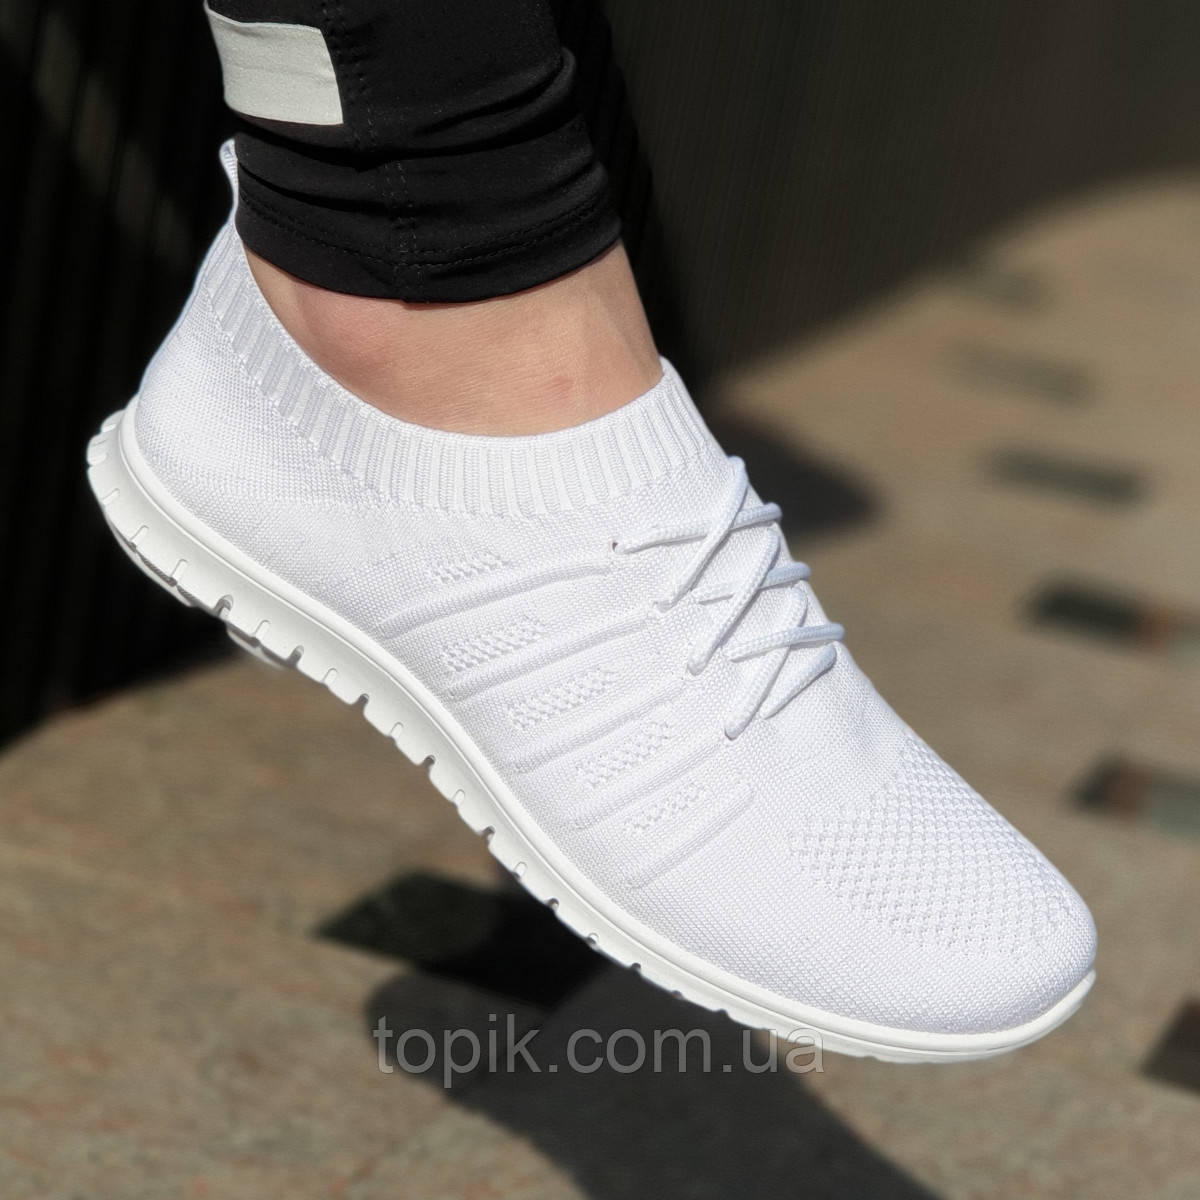 b7a124ea Элегантные женские мокасины белые из прочного текстиля на весну лето,  мягкая удобная подошва (Код